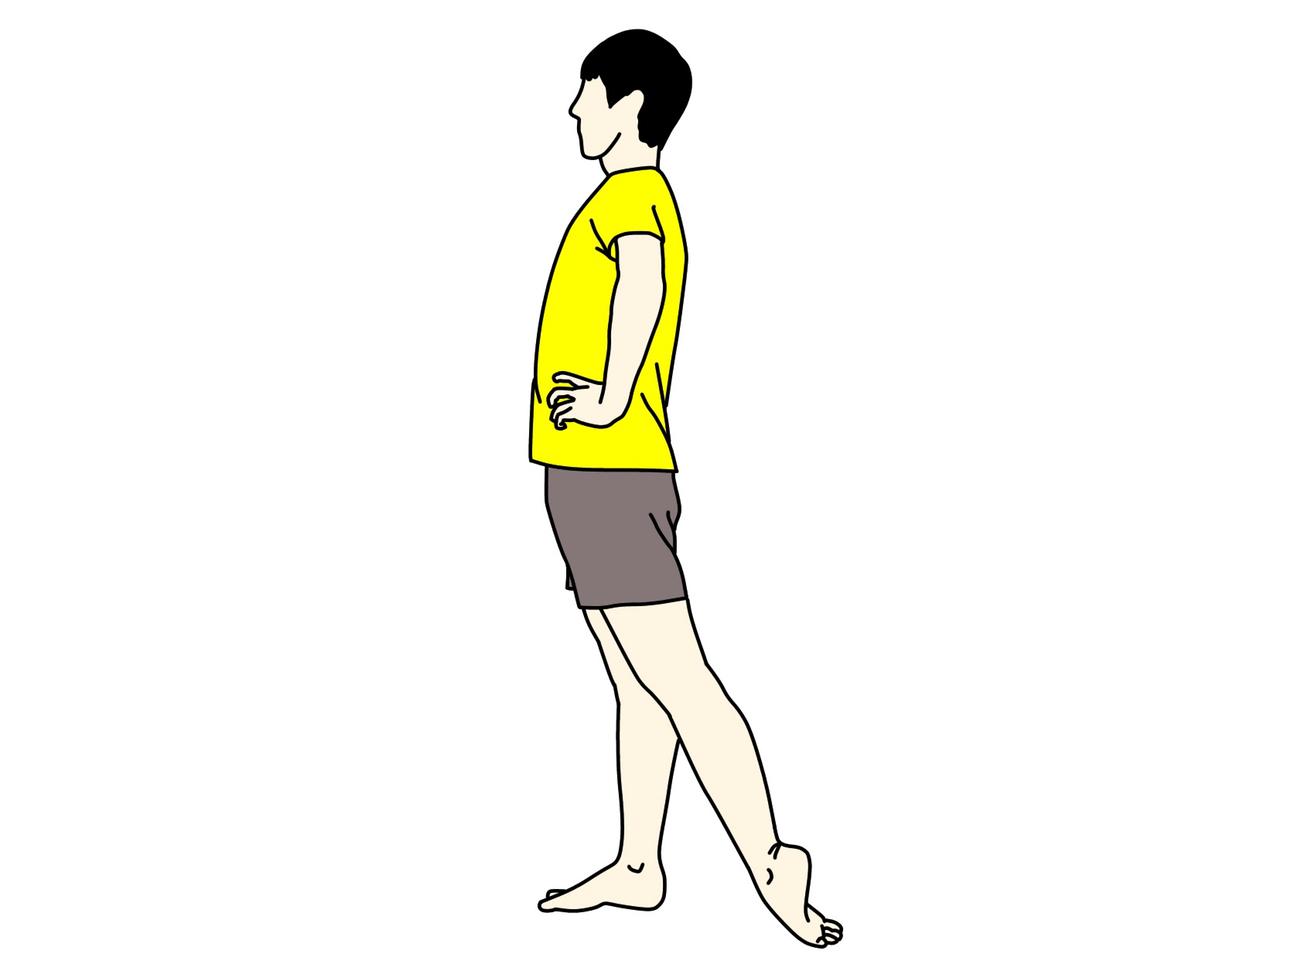 足の甲〜スネの筋肉(前脛骨筋)のストレッチのイラスト